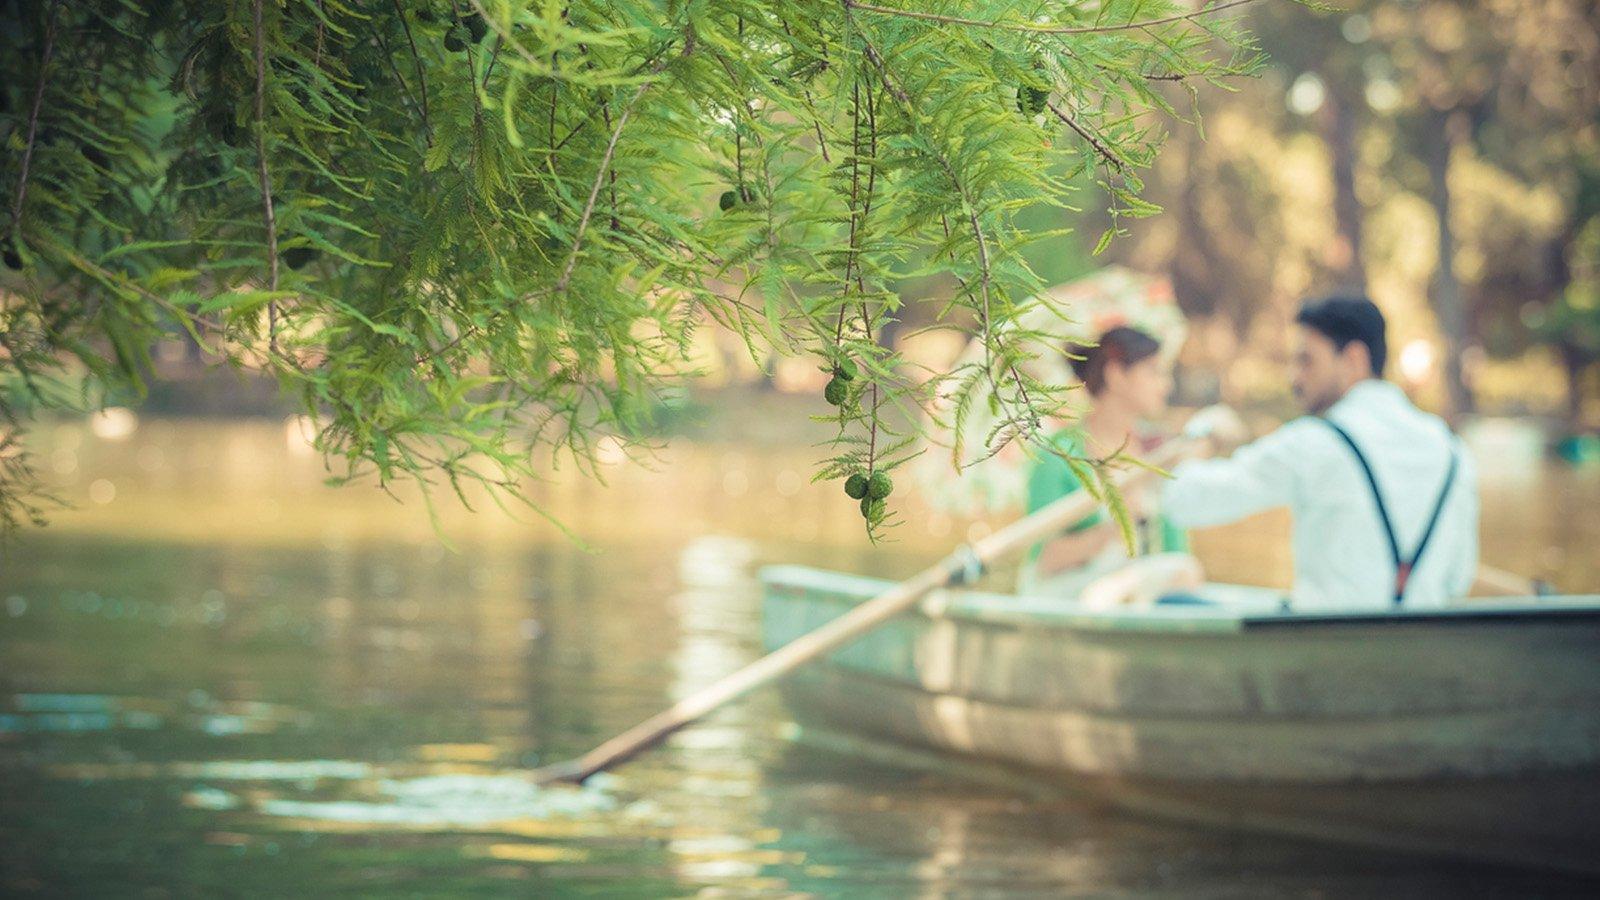 Boating on the Laghetto di Villa Borghese